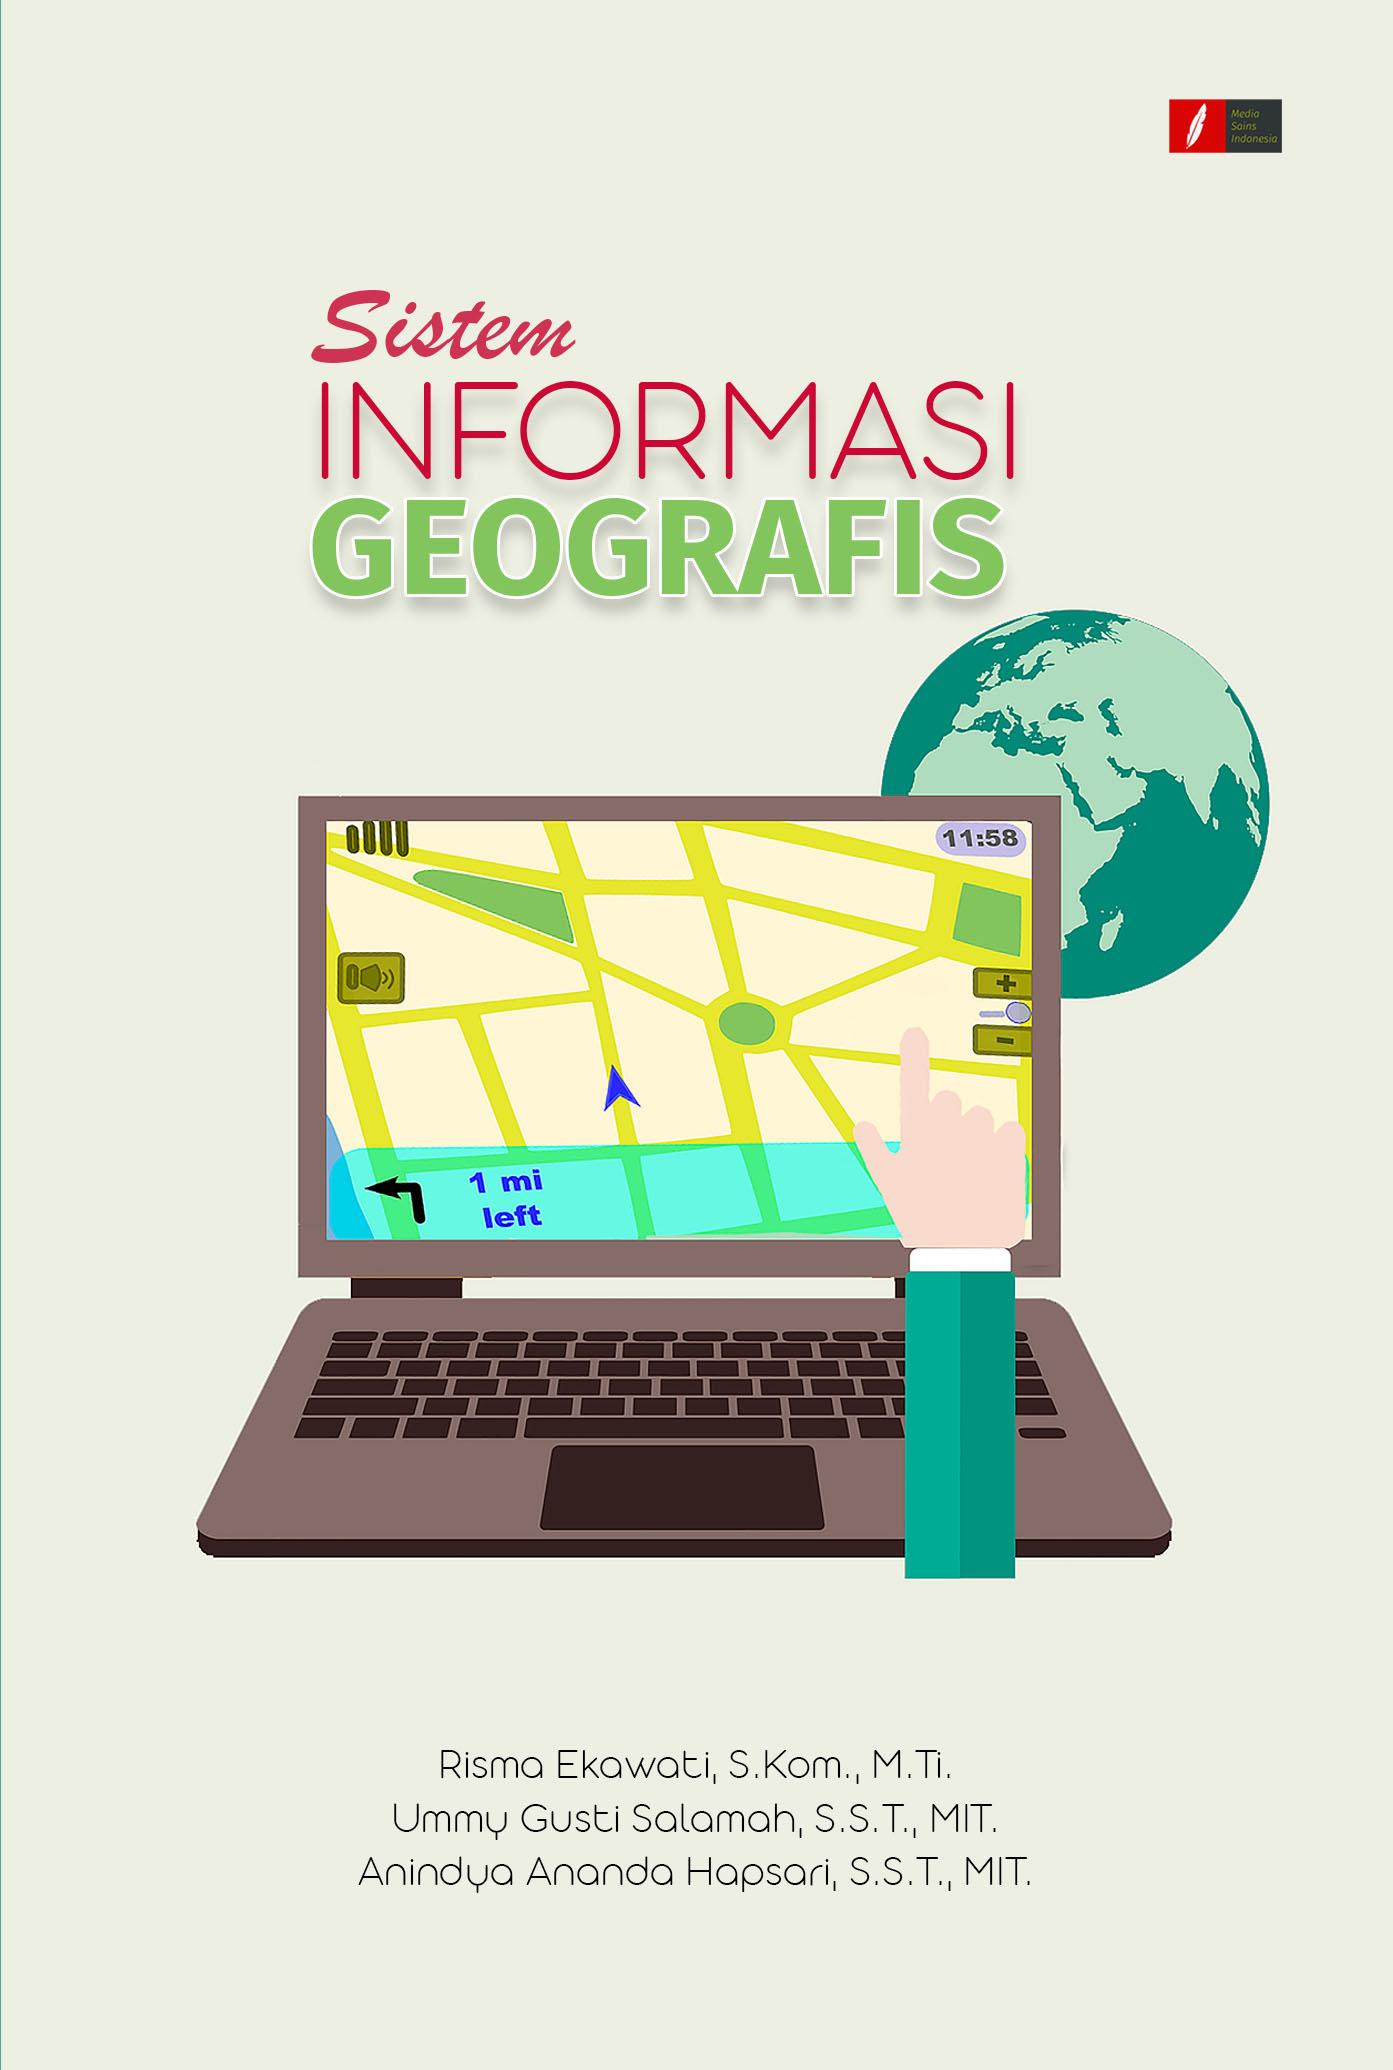 Sistem informasi geografis [sumber elektronis]